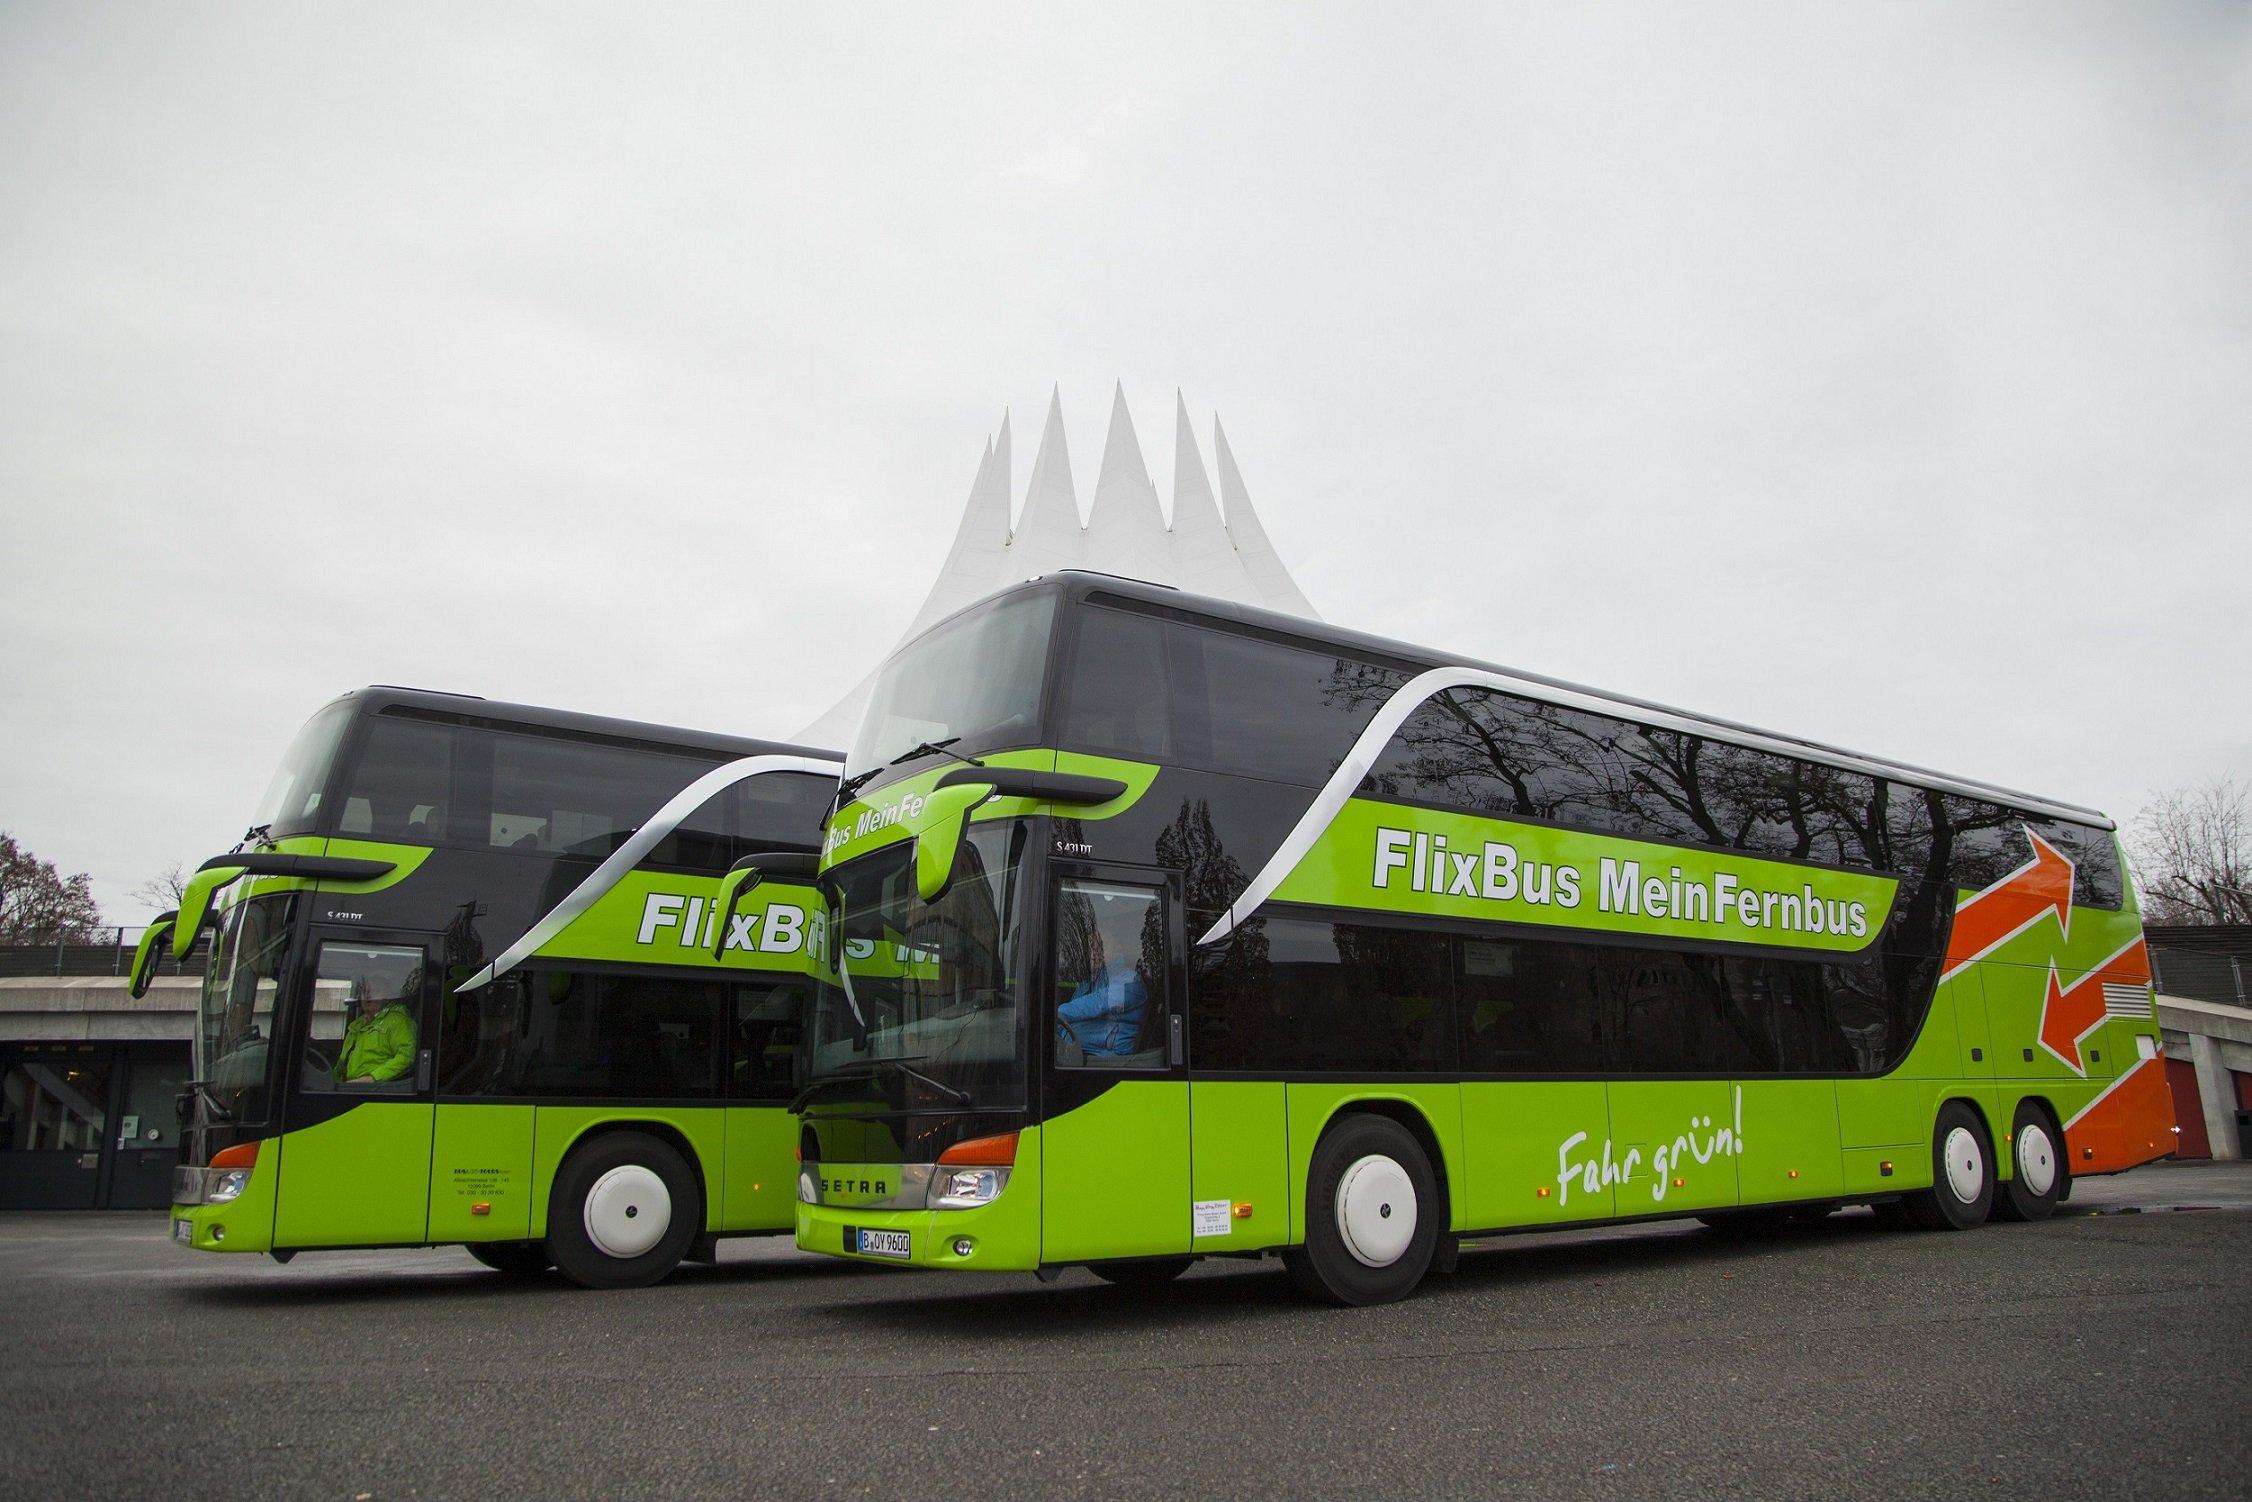 Con FlixBus viaggi in Europa, spendi poco e aiuti l'ambiente